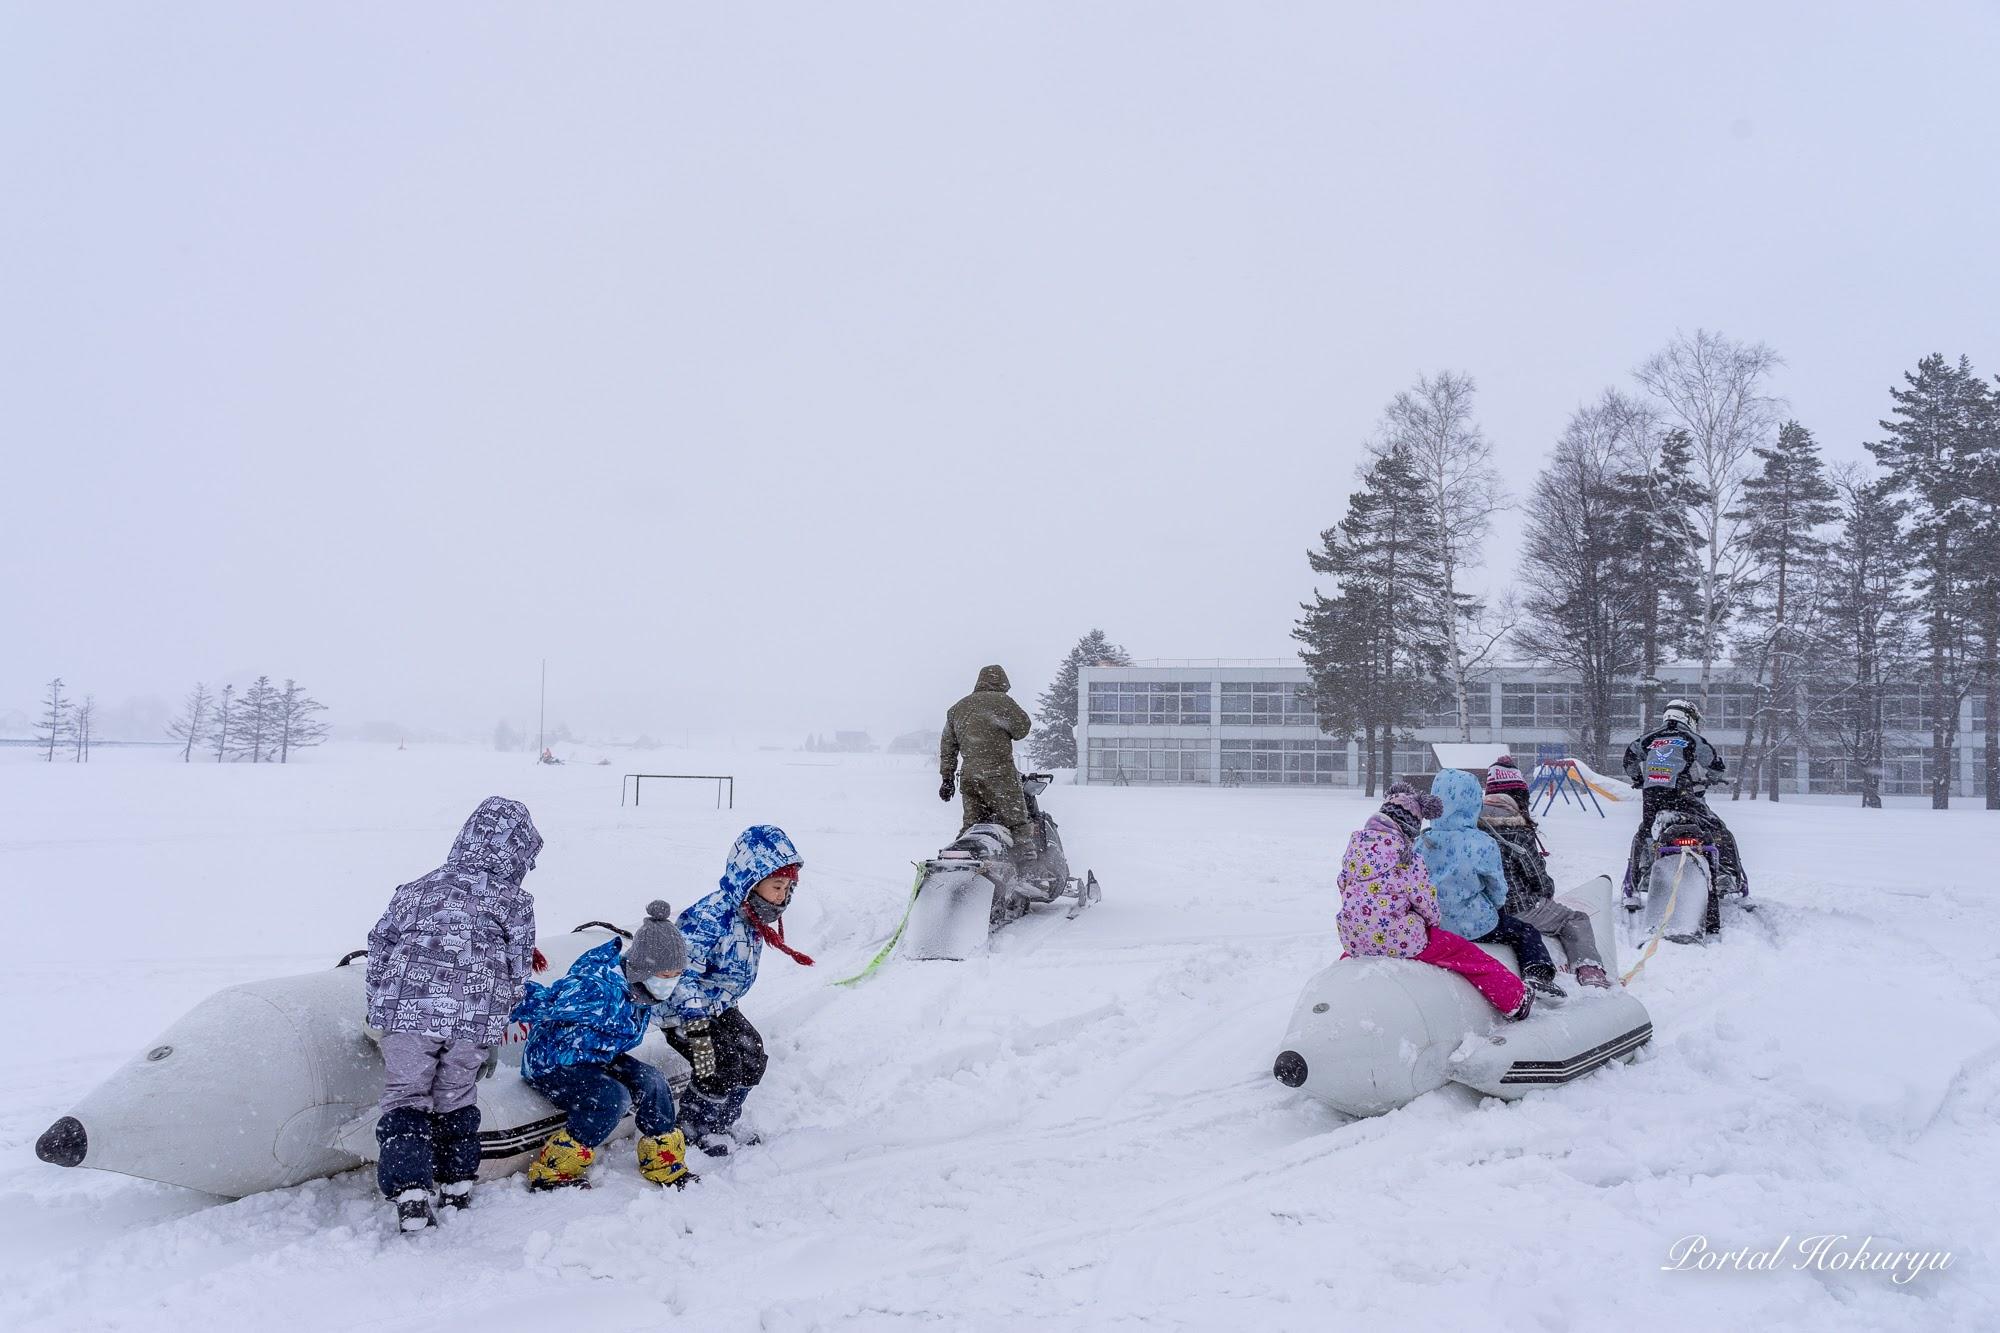 真竜小学校の校庭の雪原で!